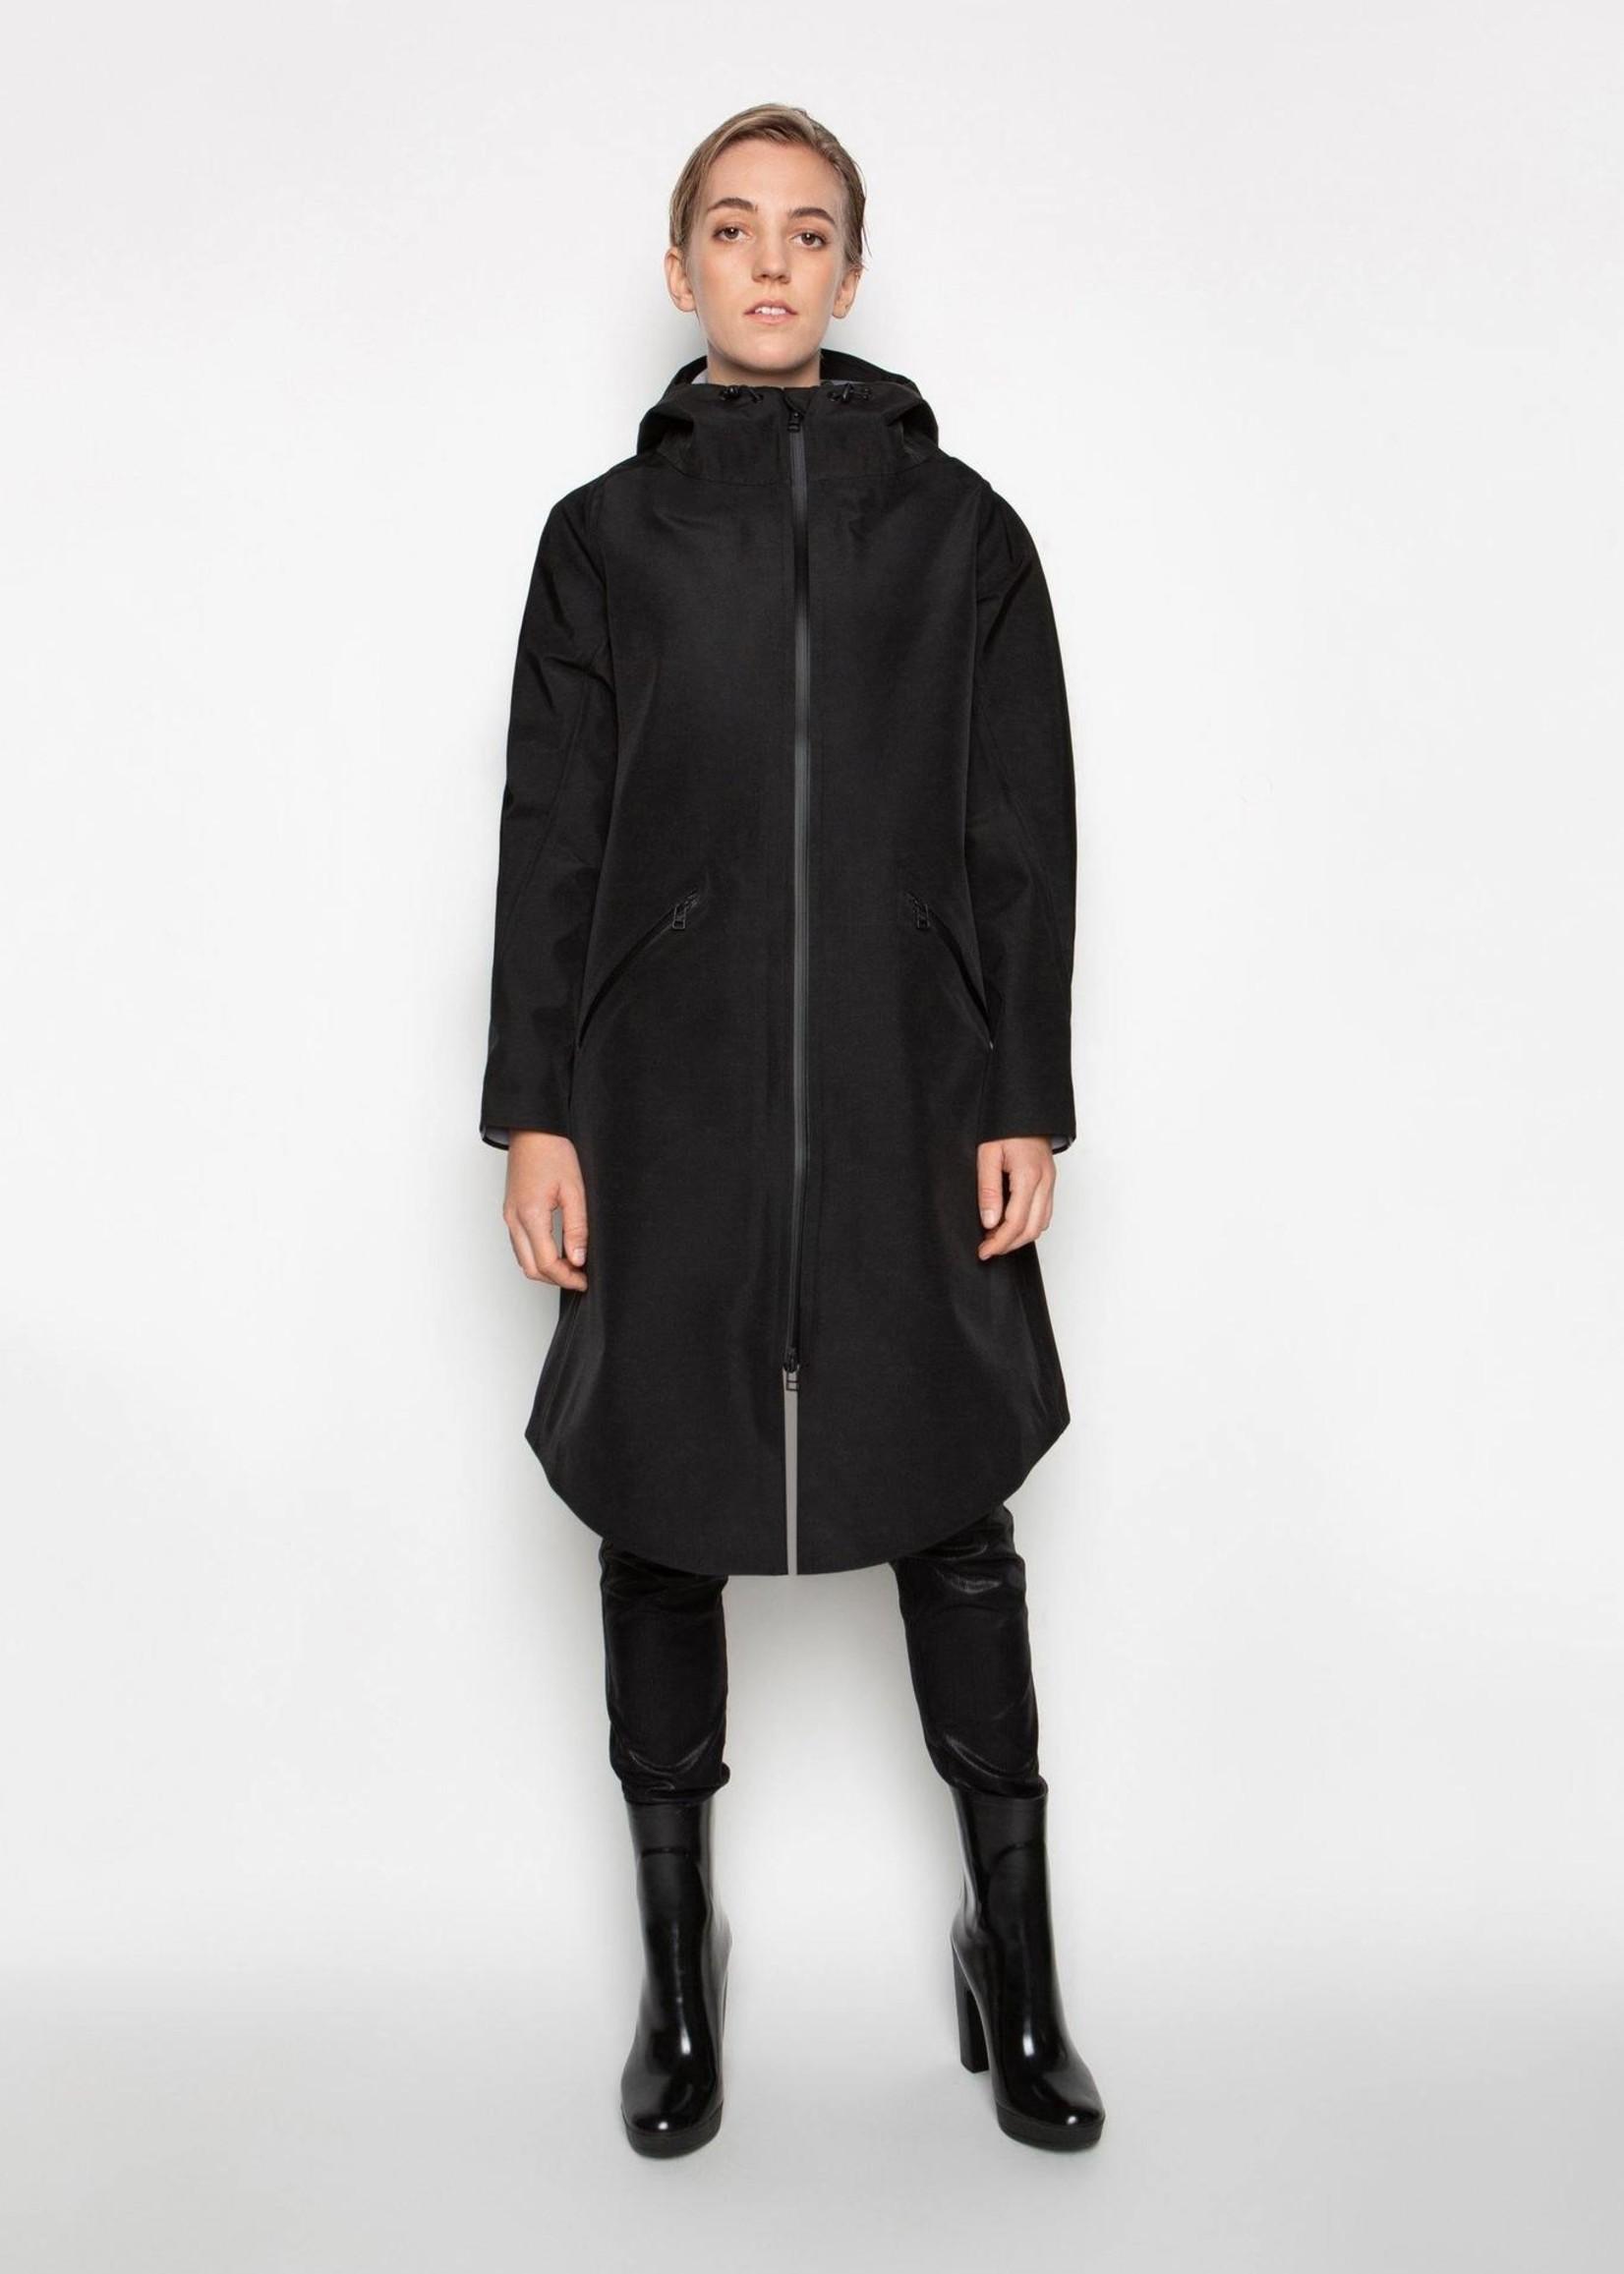 By Brown By Brown wave raincoatblack M